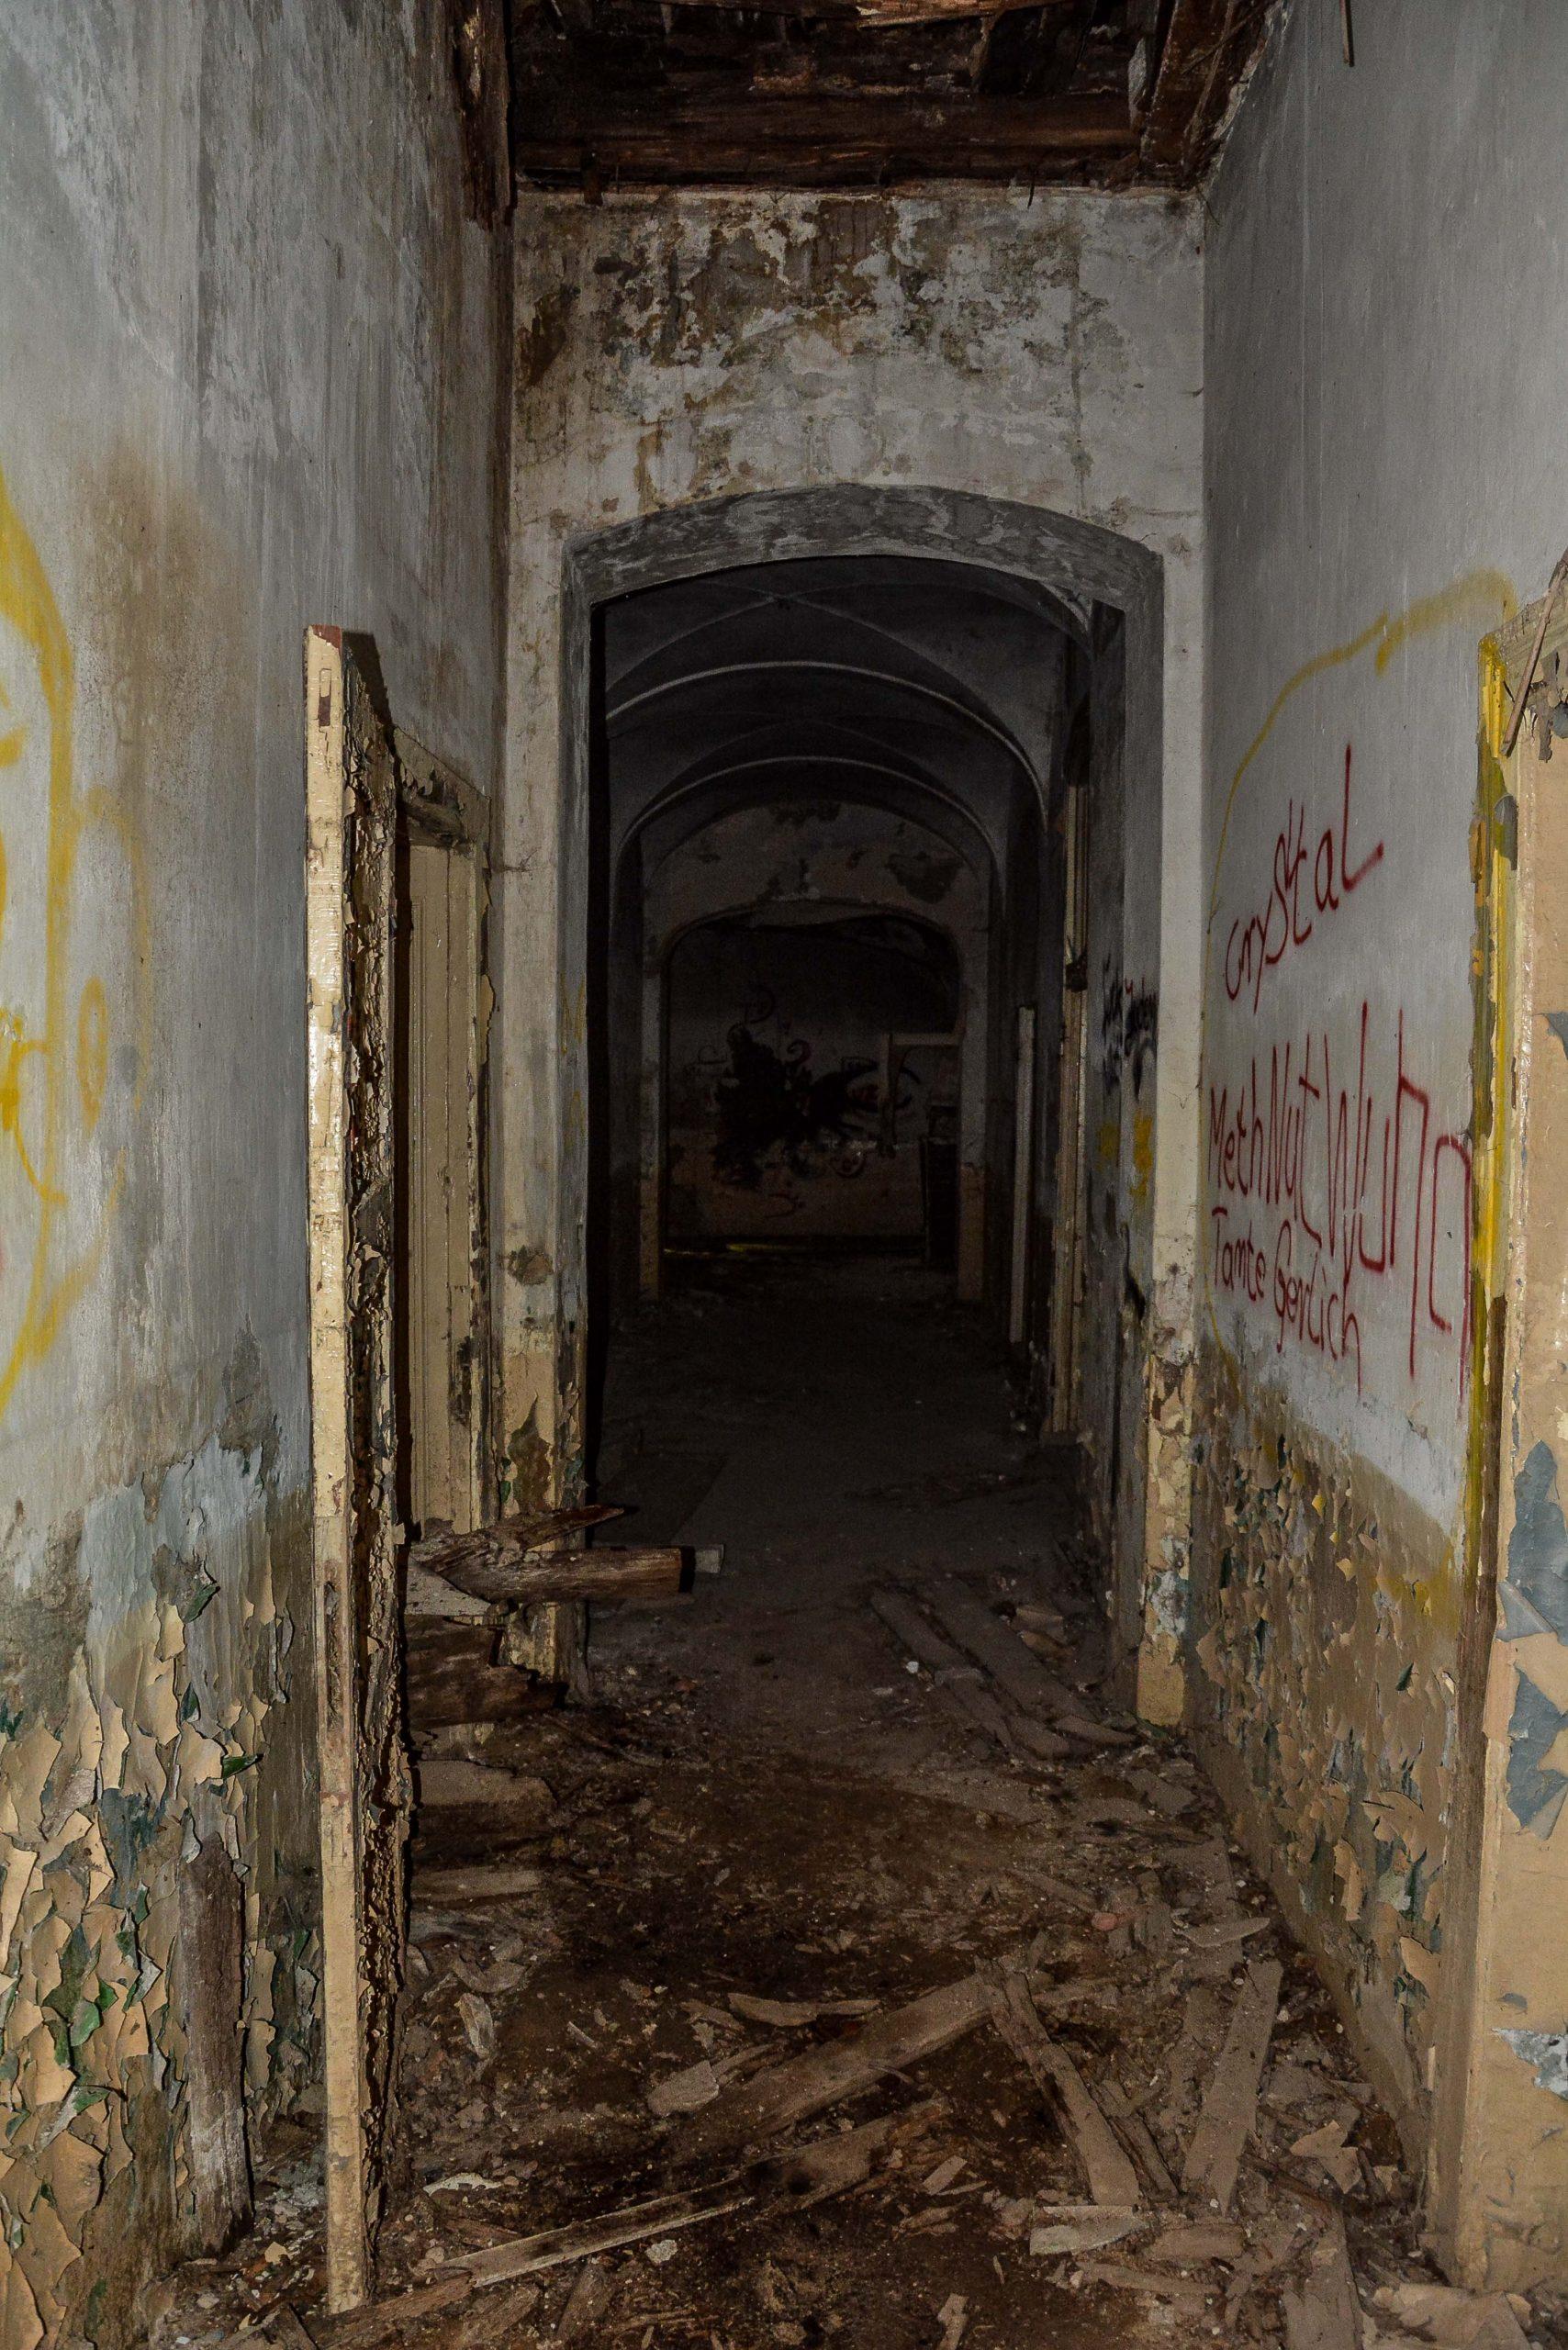 herrenhaus gentzrode holz flur lost places brandenburg neuruppin gut gentzrode ost deutschland urbex abandoned